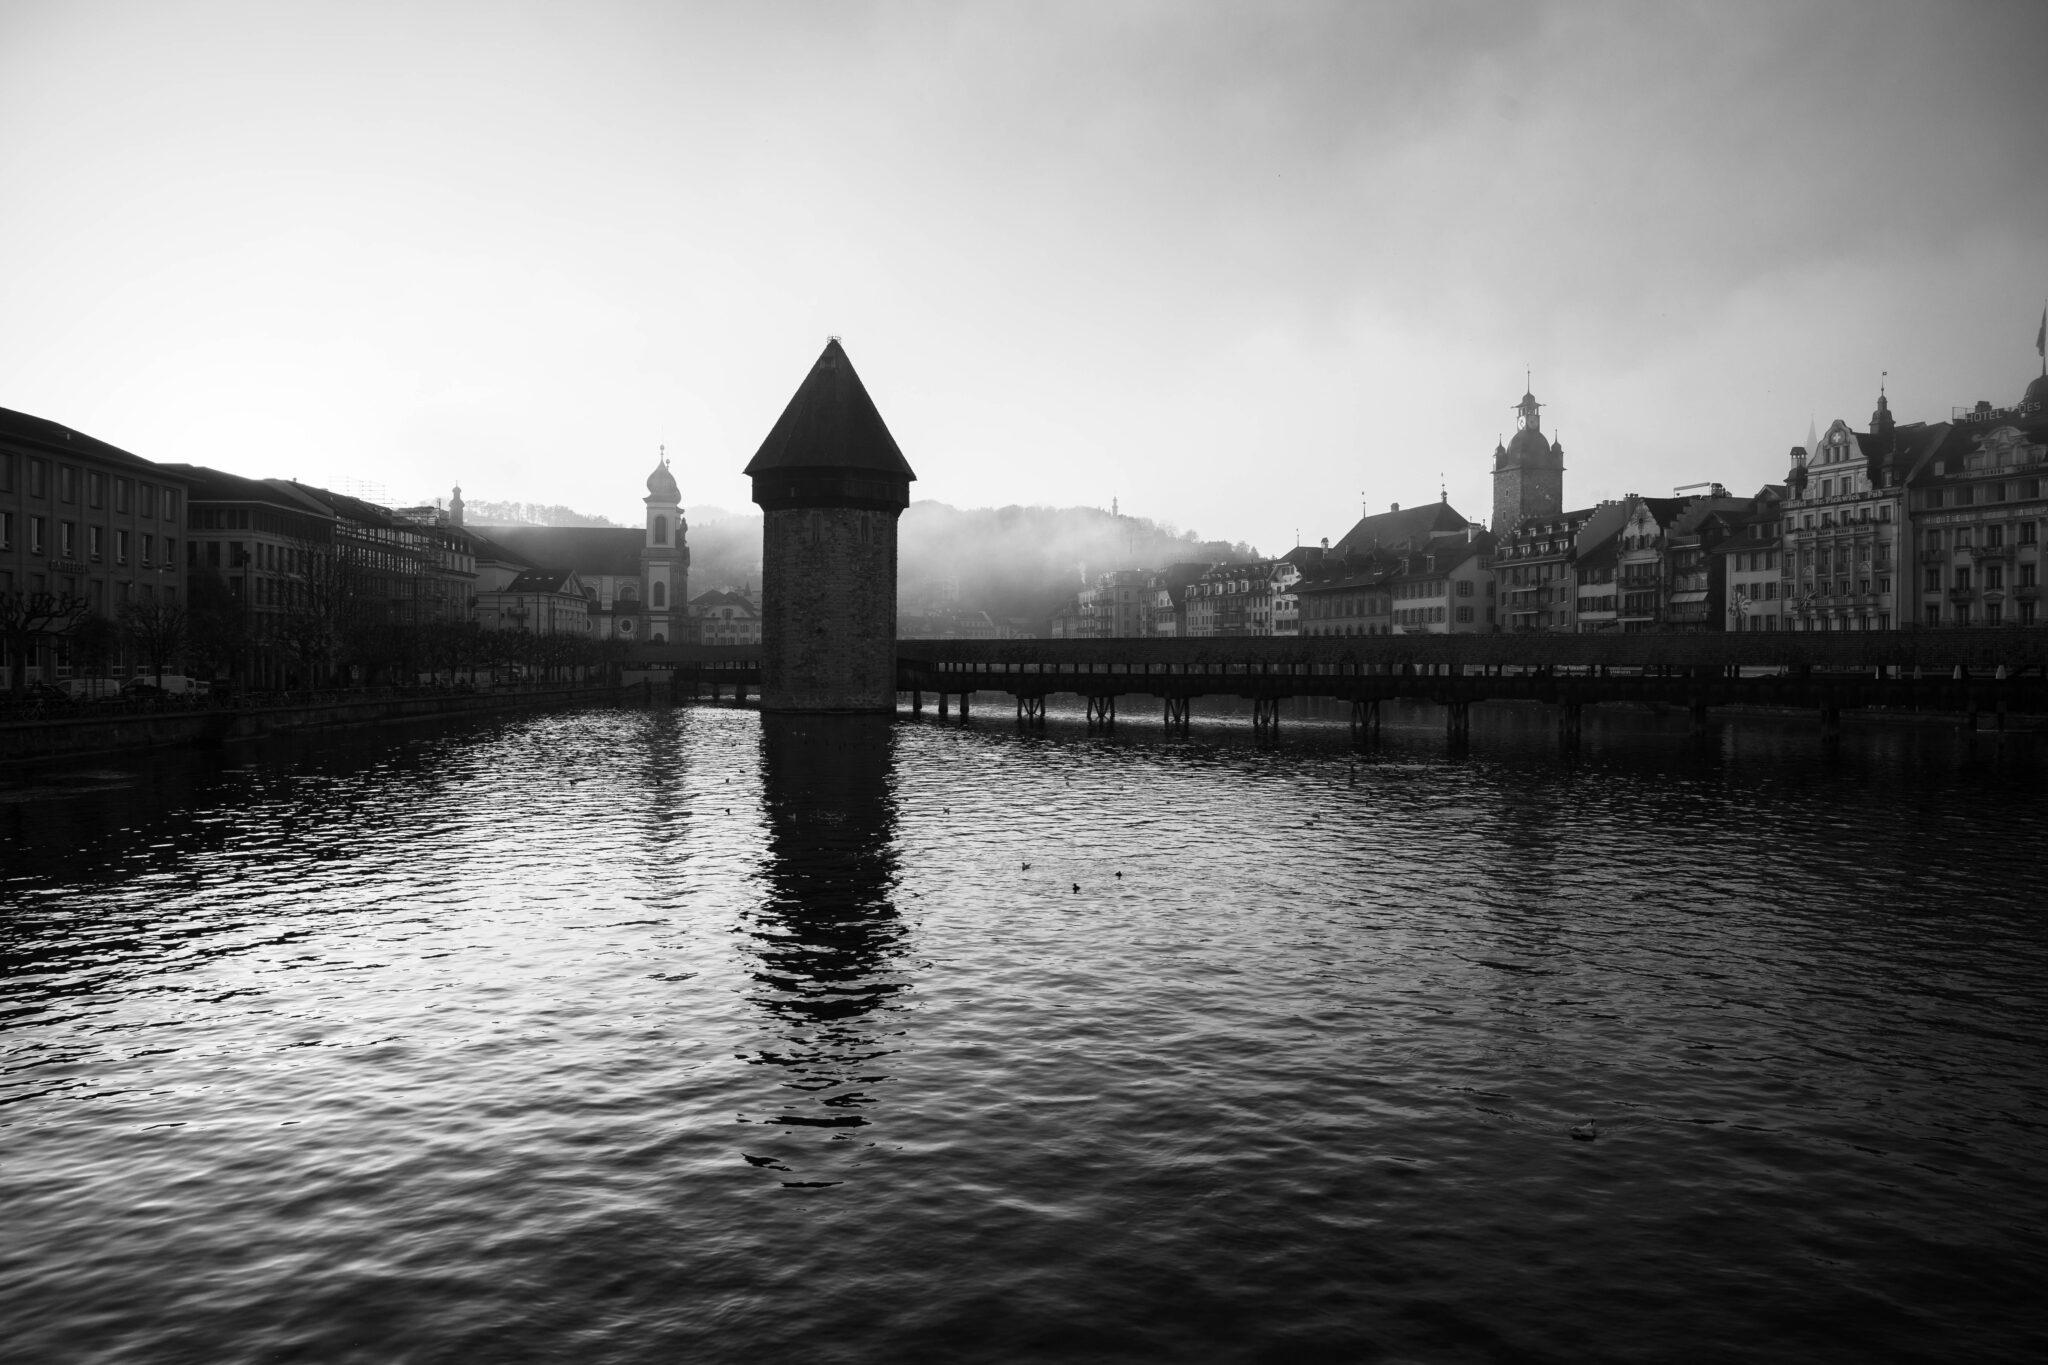 wasserturm von seebrücke aus s/w schöne Fotos Luzern